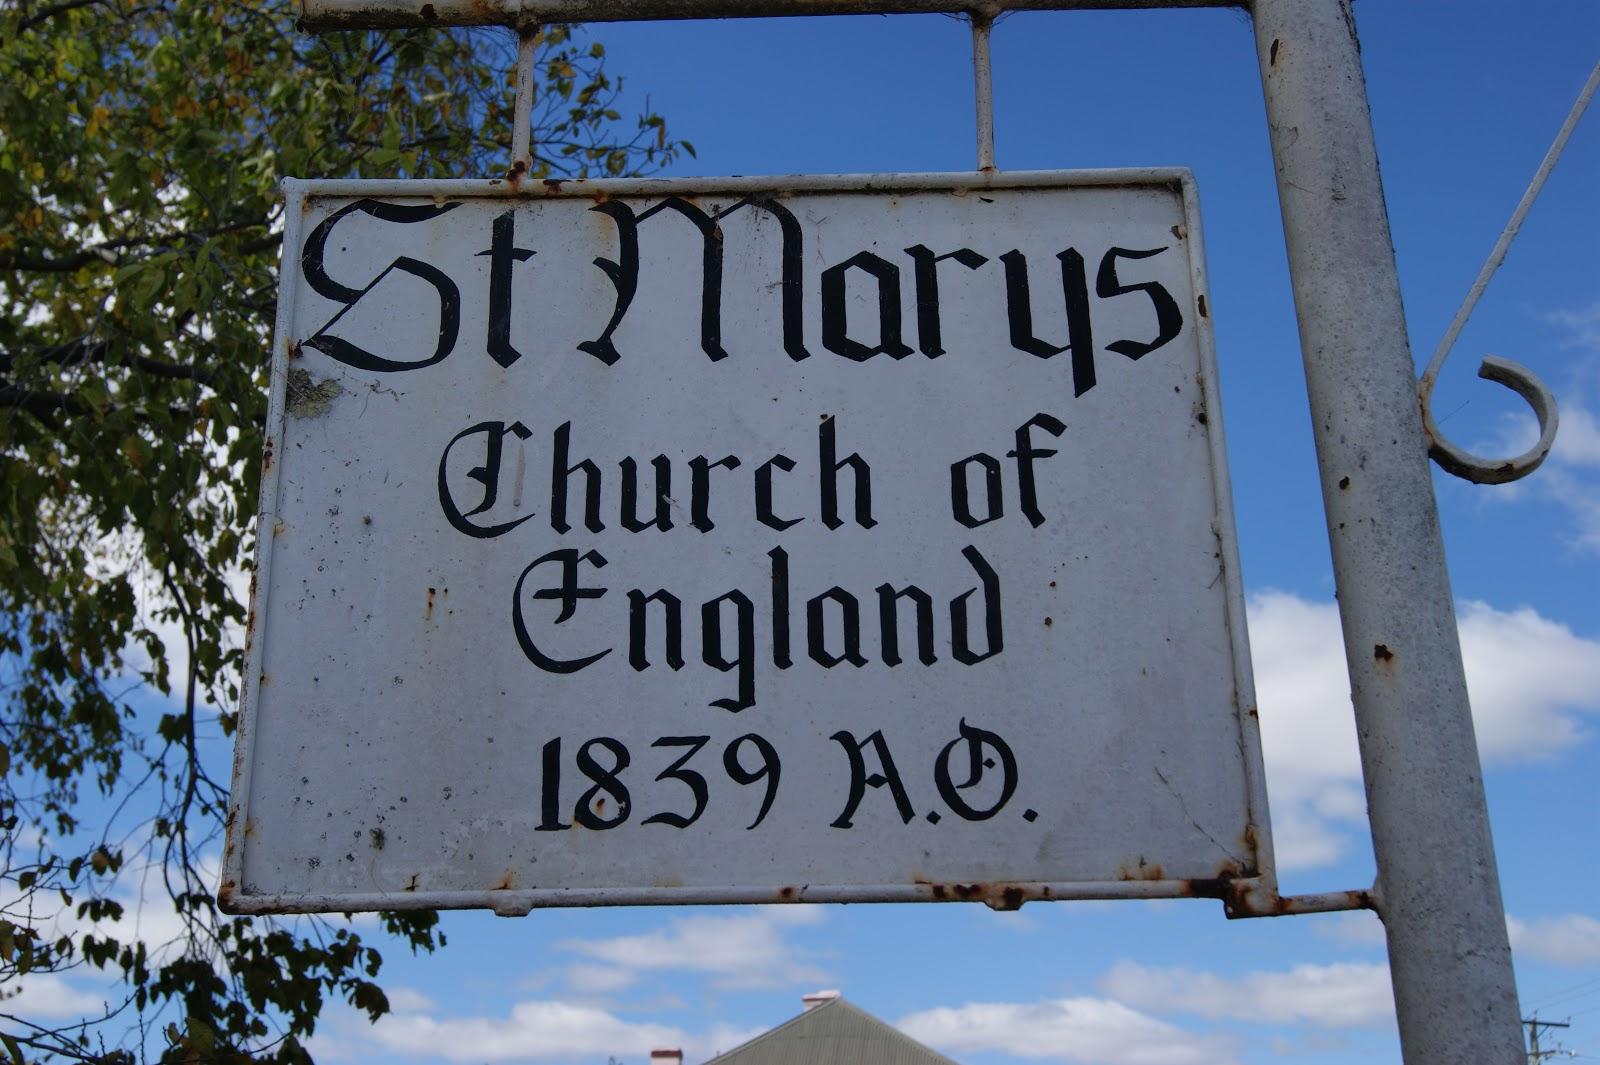 Twenty Sermons Preached in St. Marys Chapel of Ease